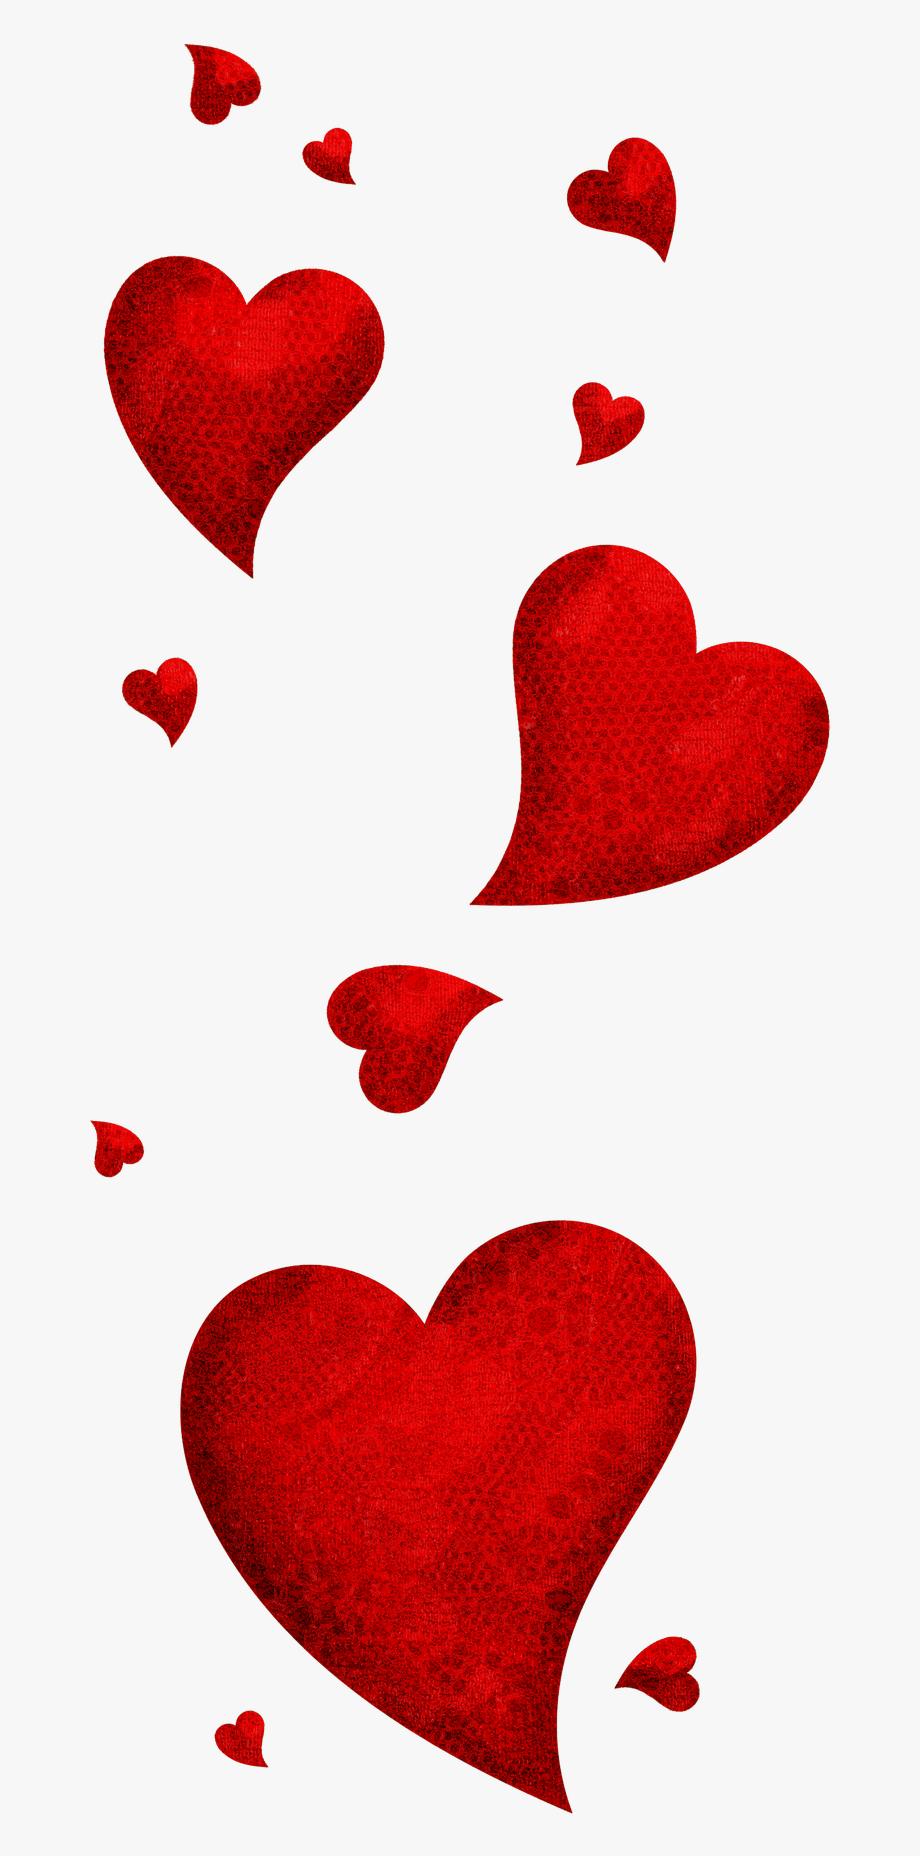 Saint valentin clipart clip art free download Menu Valentine 64€ Without Drink - 14 Février Saint Valentin ... clip art free download